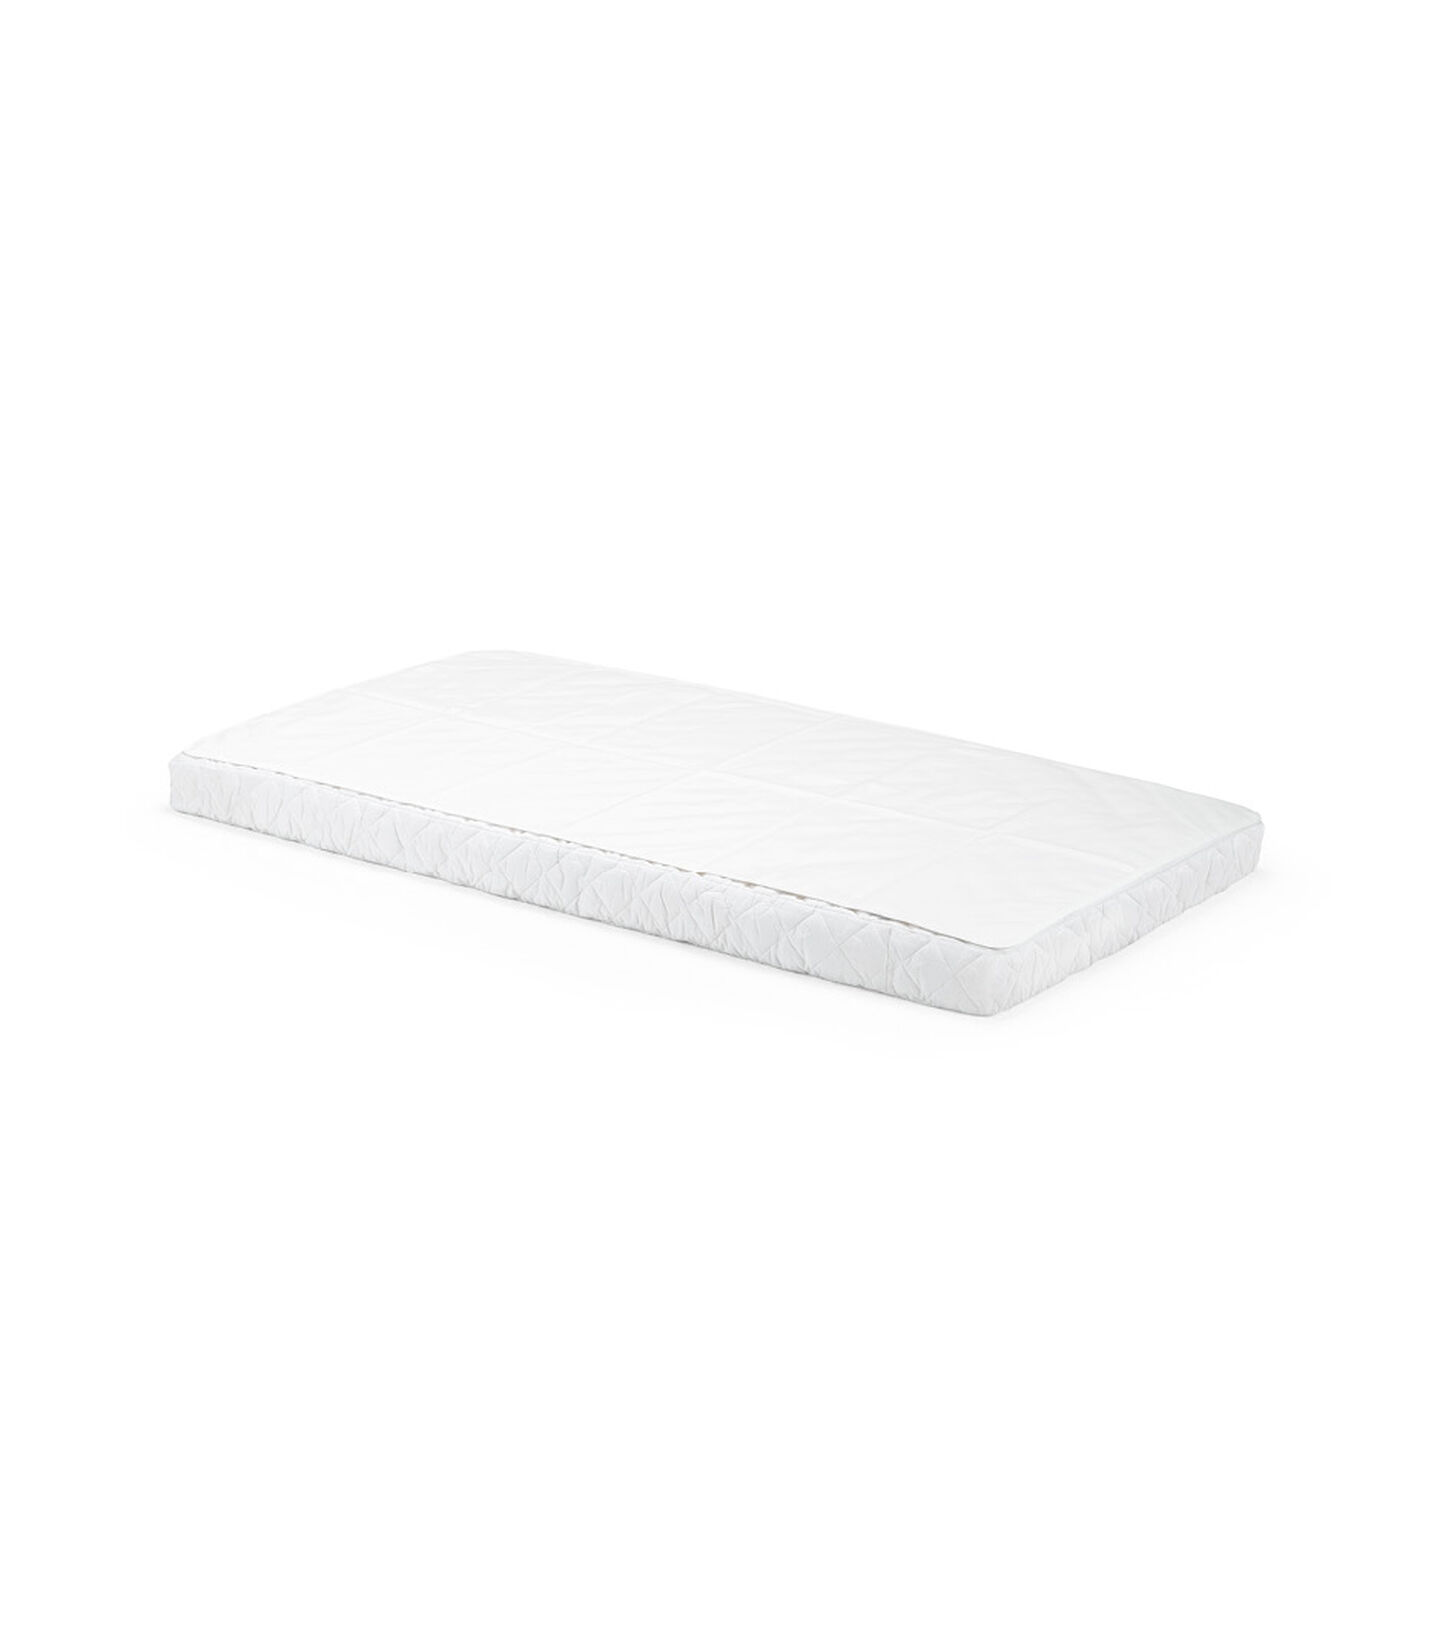 Stokke® Home™ Bed Protection Sheet - prześcieradło ochronne, , mainview view 2